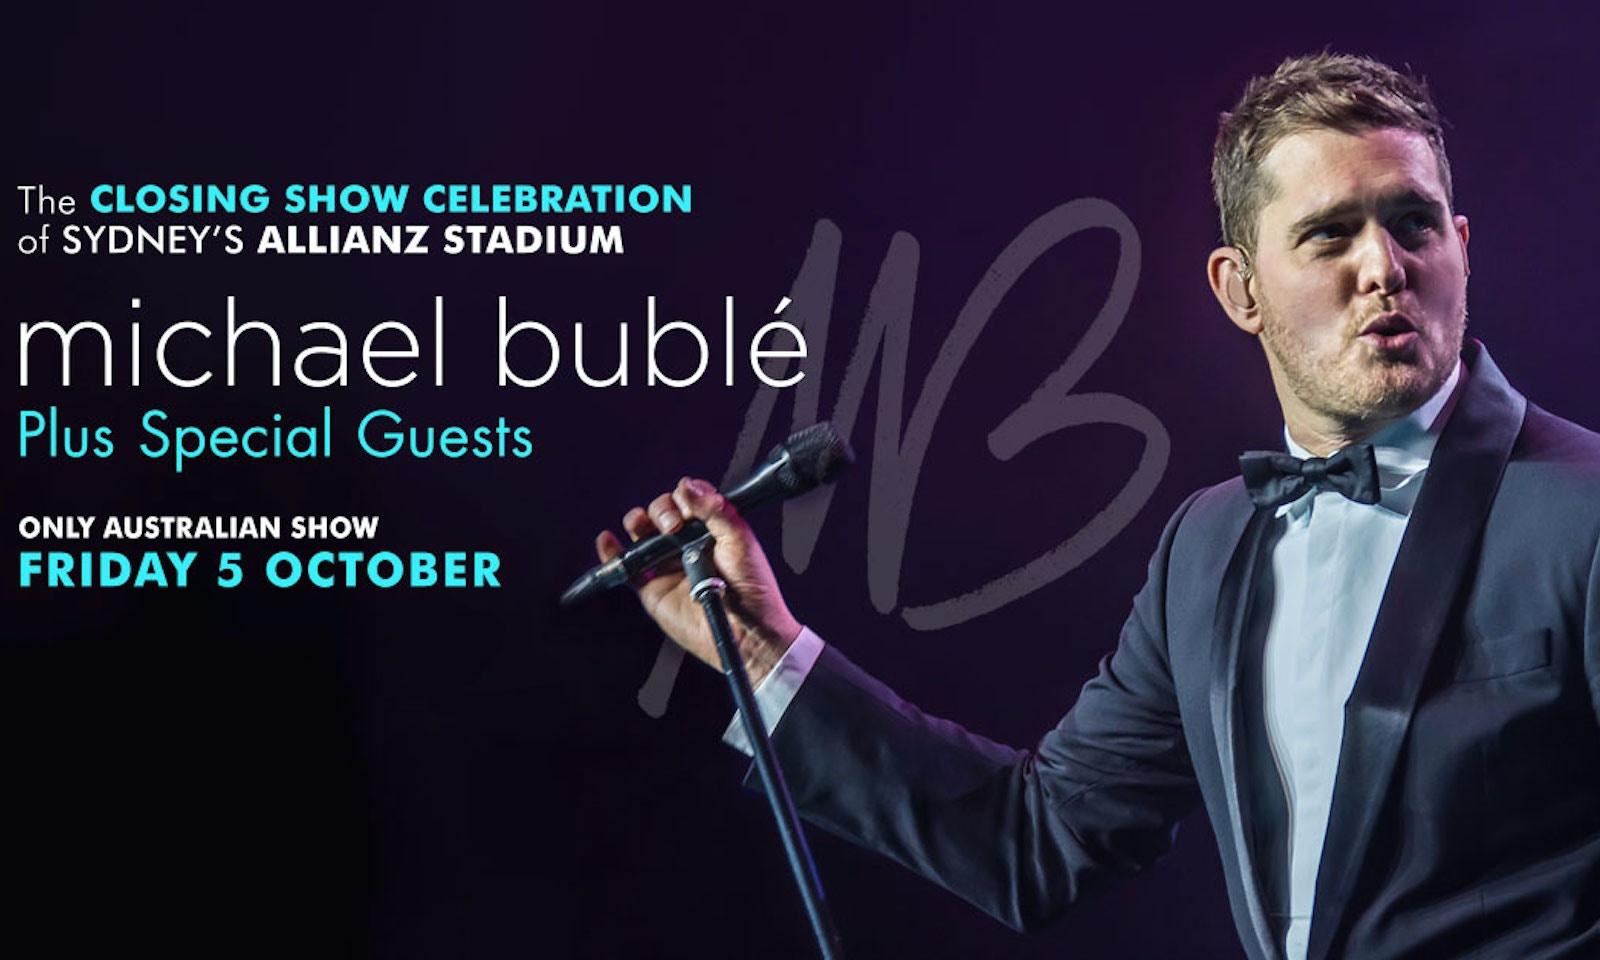 Michael Bublé's One Off Australian Show!